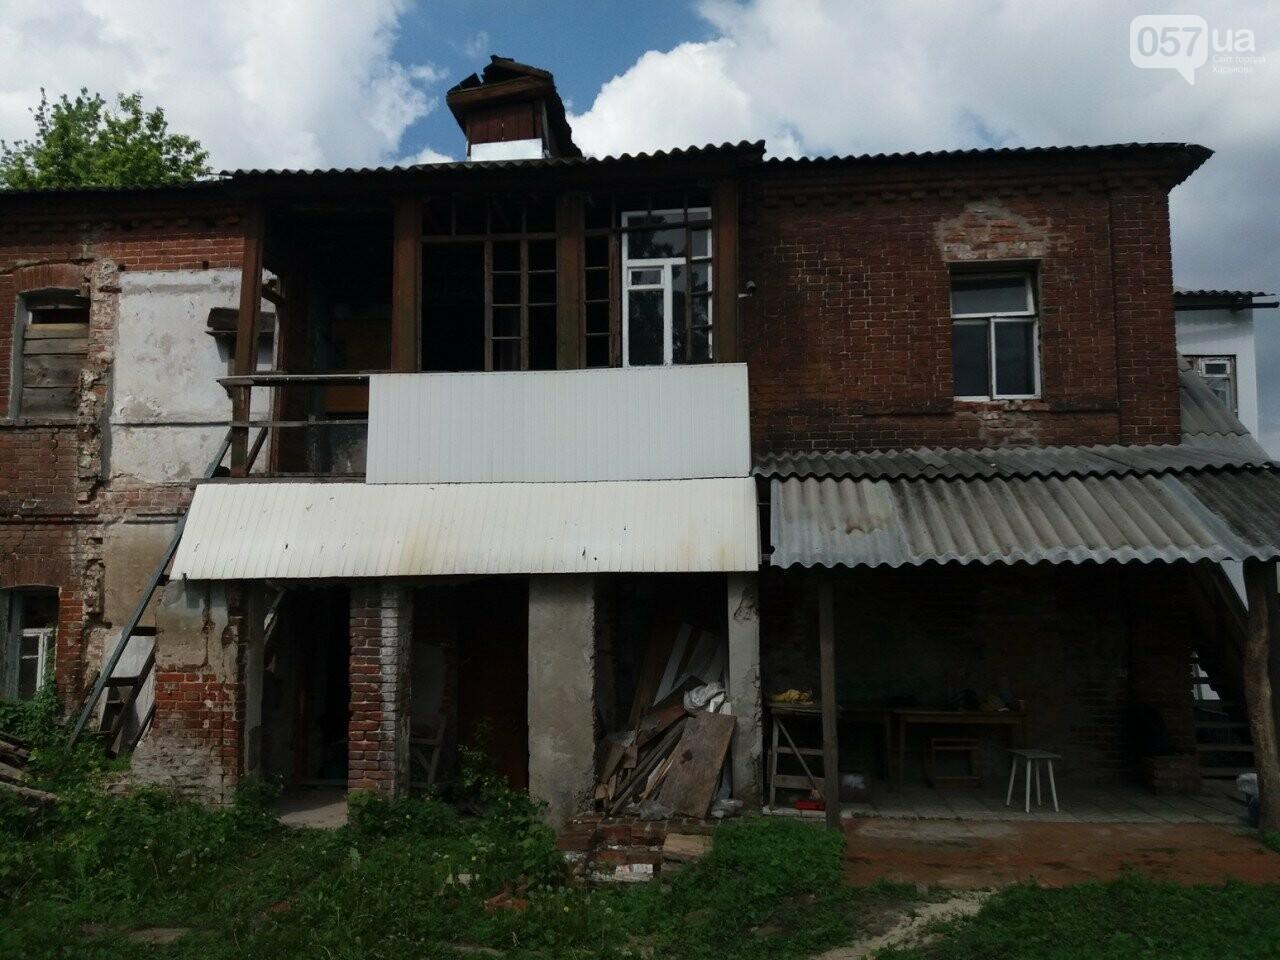 10 лет без ремонта: почему в Харькове не спешат восстанавливать аварийный дом, - ФОТО, фото-30